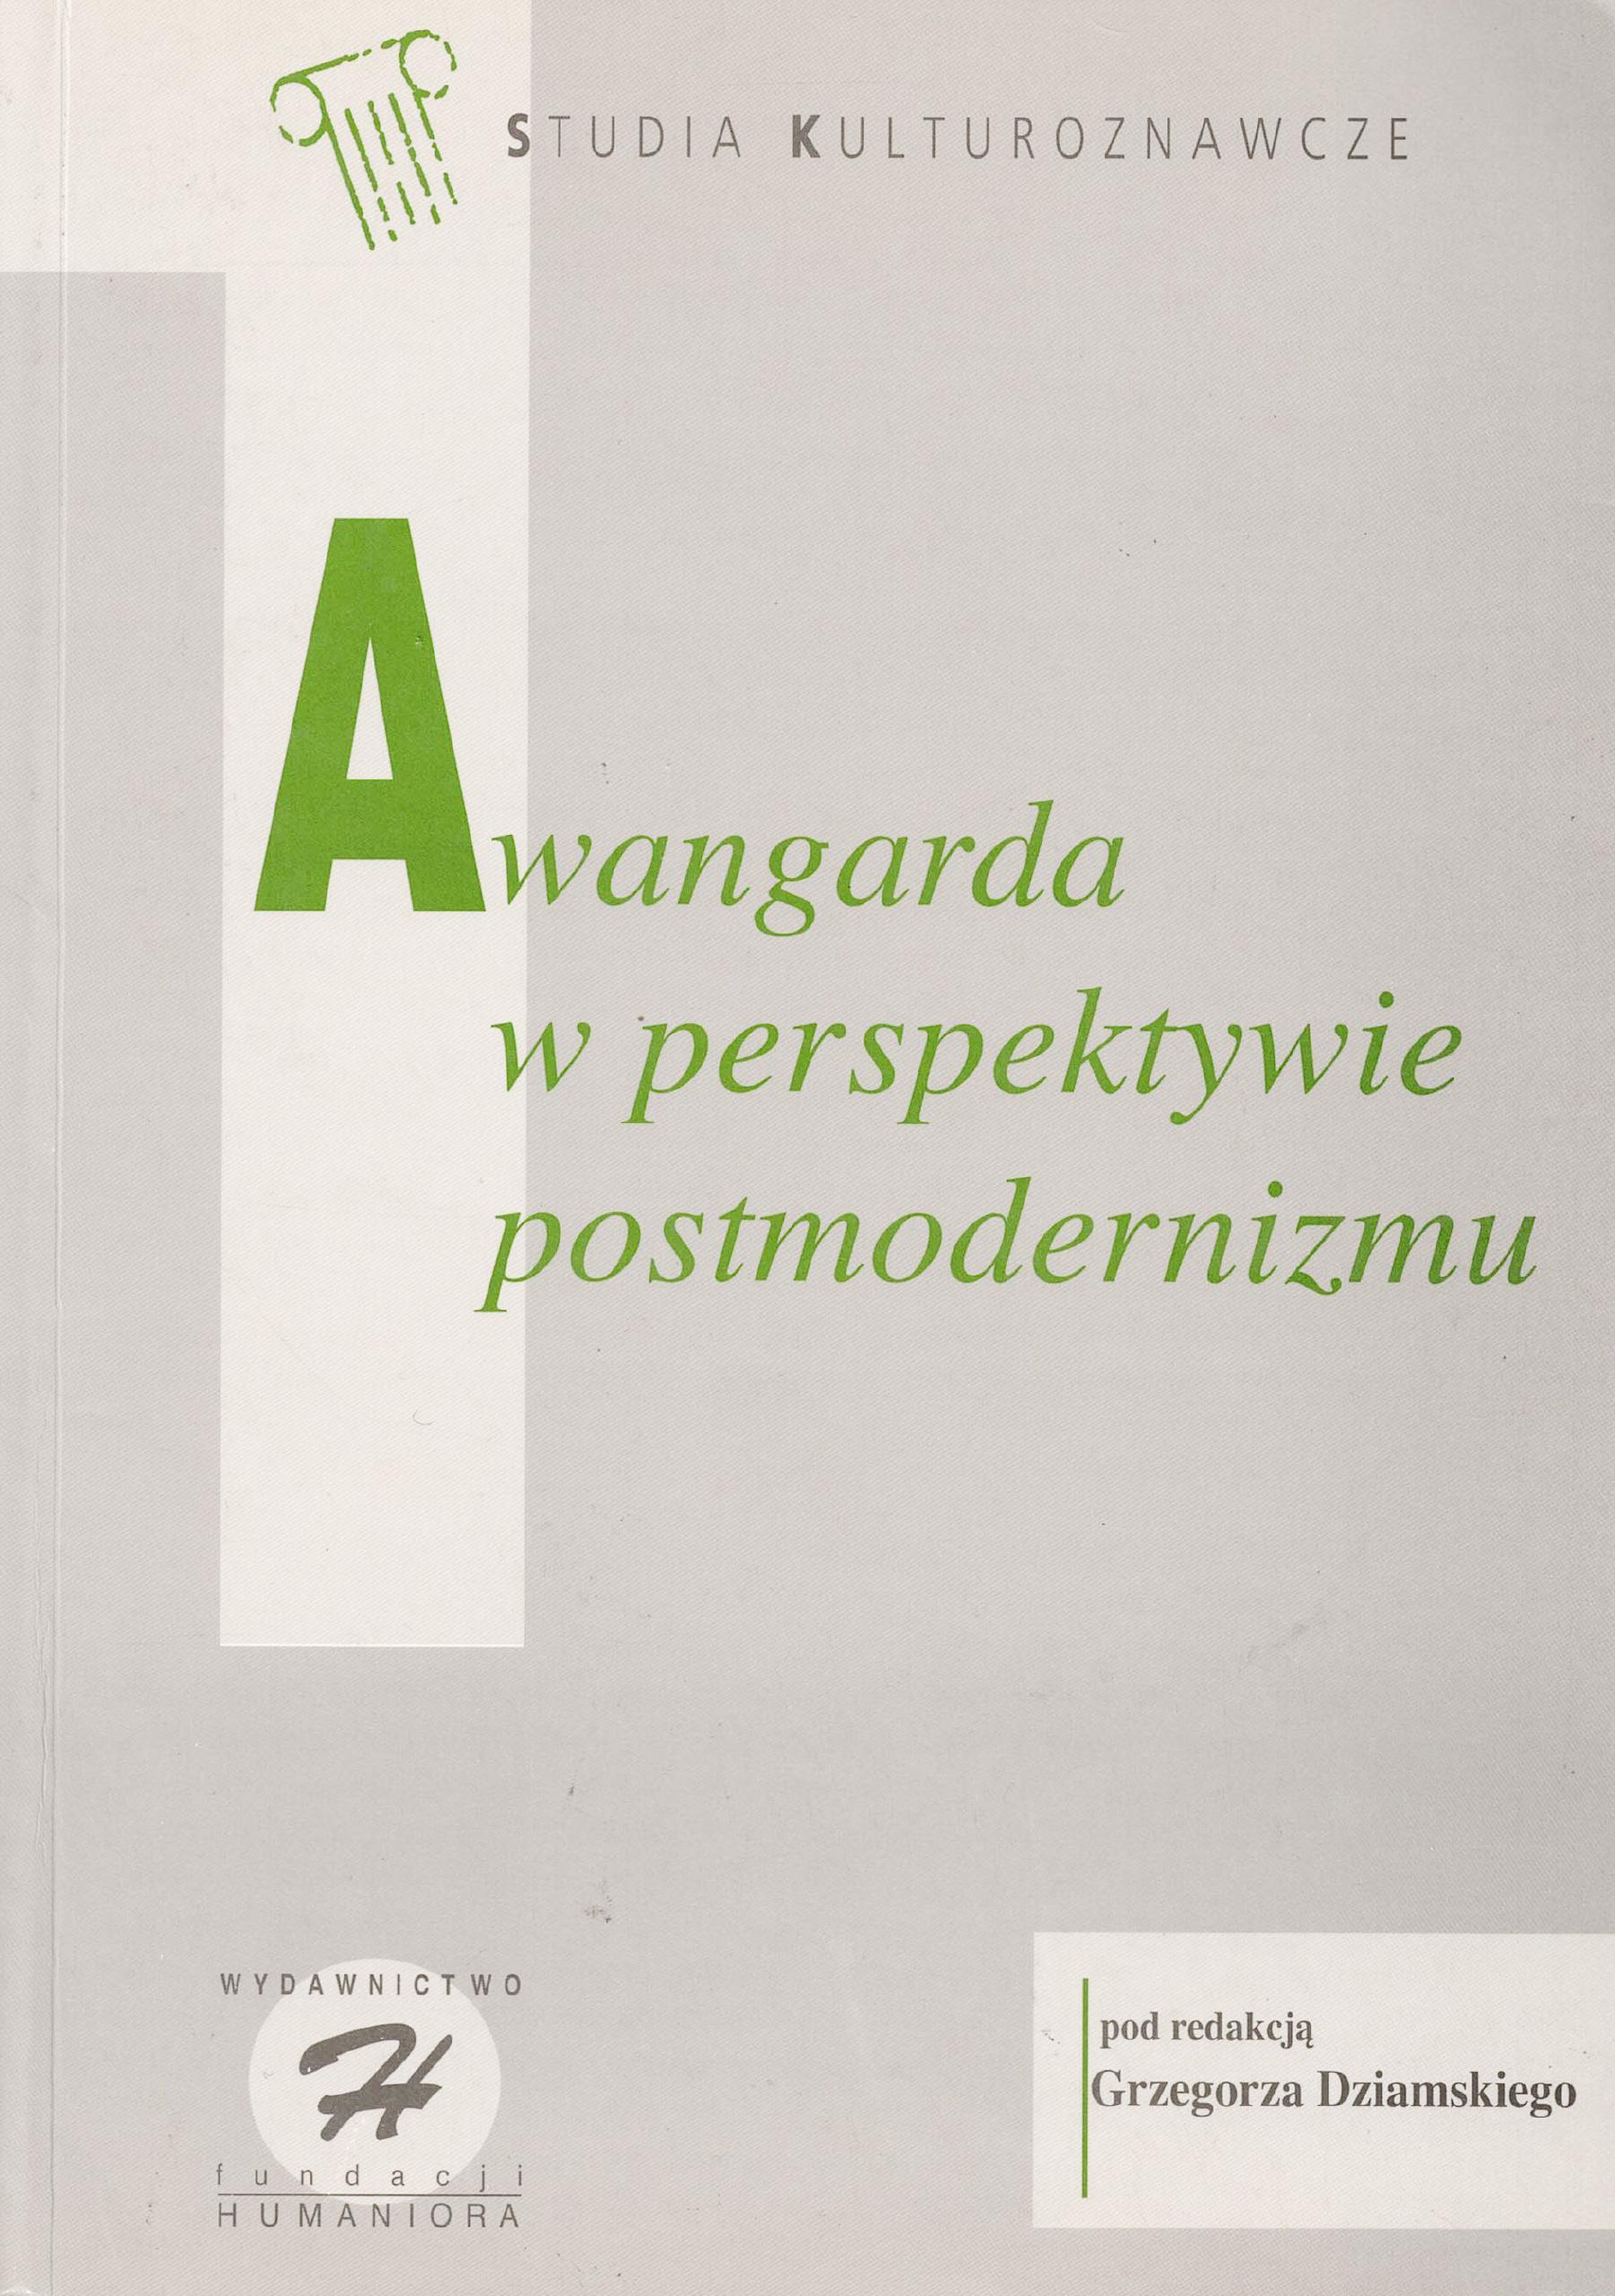 Awangarda w perspektywie postmodernizmu - Kulturoznawstwo UAM